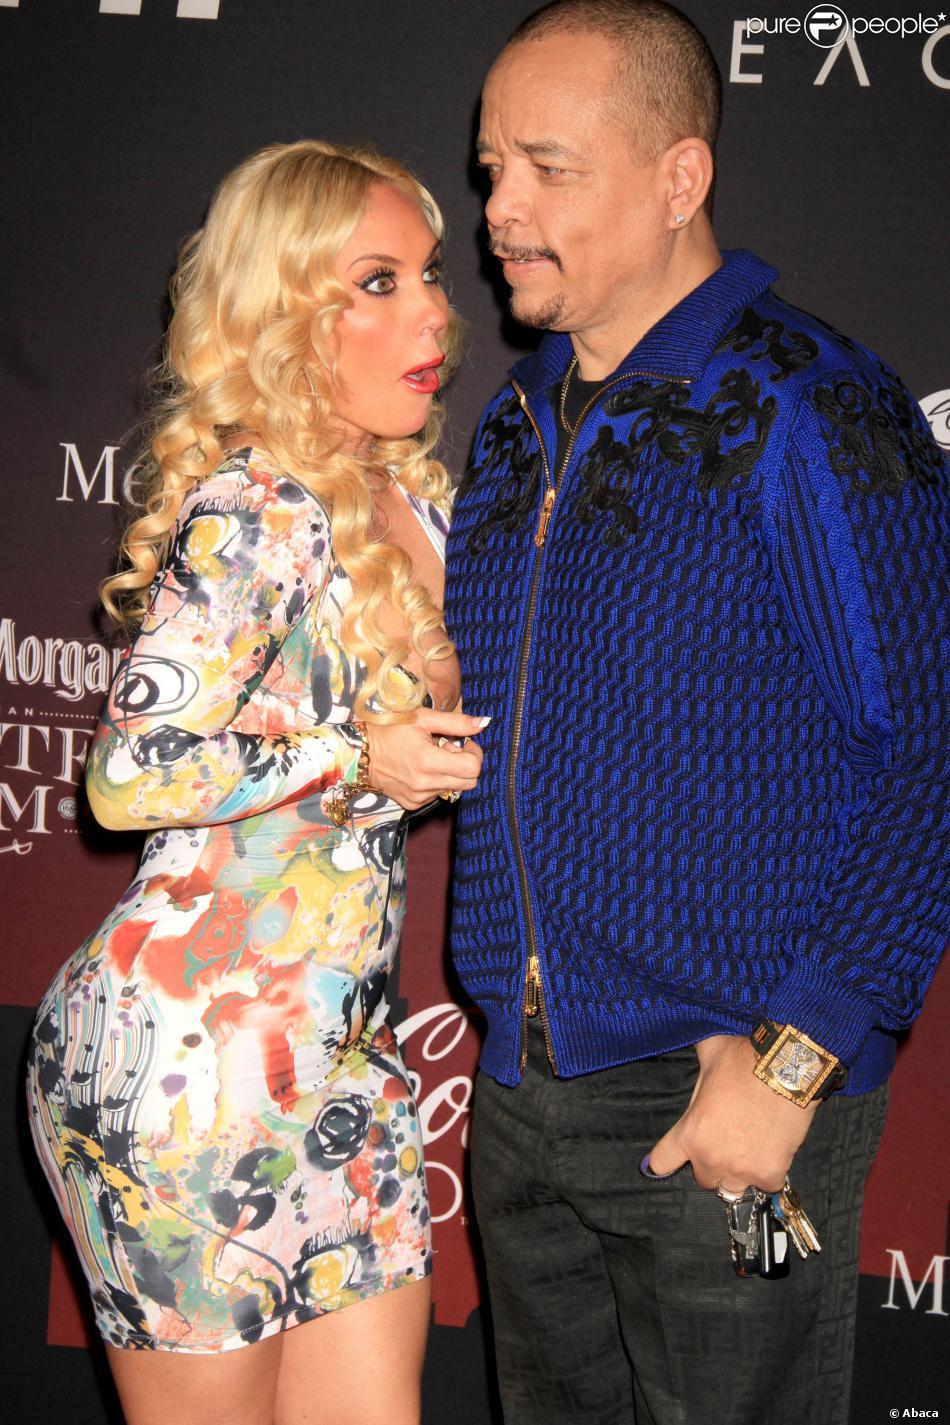 Coco, victime d'un incident vestimentaire sous les yeux de son mari Ice-T lors de la soirée pré-Super Bowl organisé par ESPN au Pier 36. New York, le 31 janvier 2014.